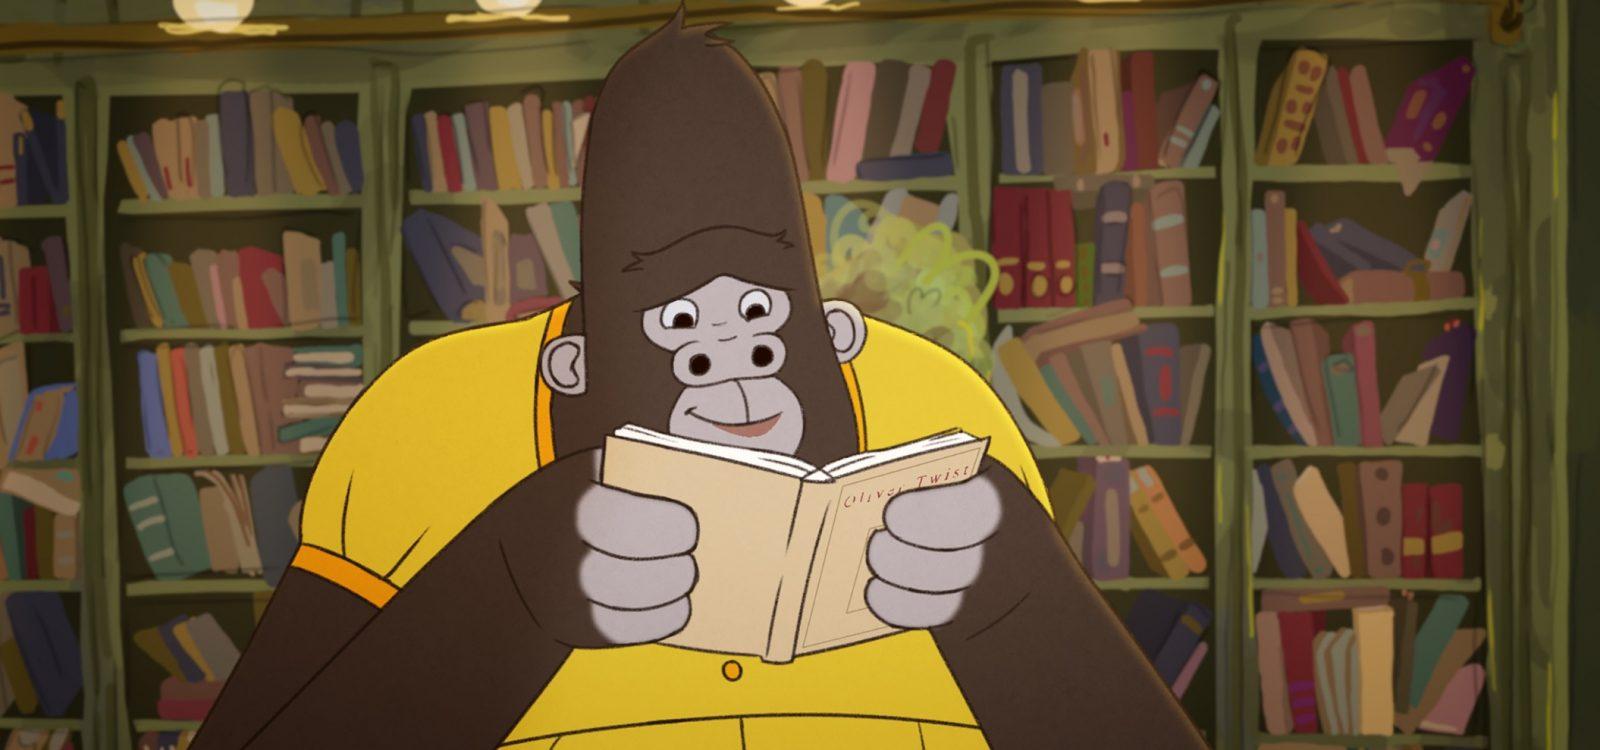 Mijn moeder is een Gorilla st 1 jpg sd high 61372b41b51ed